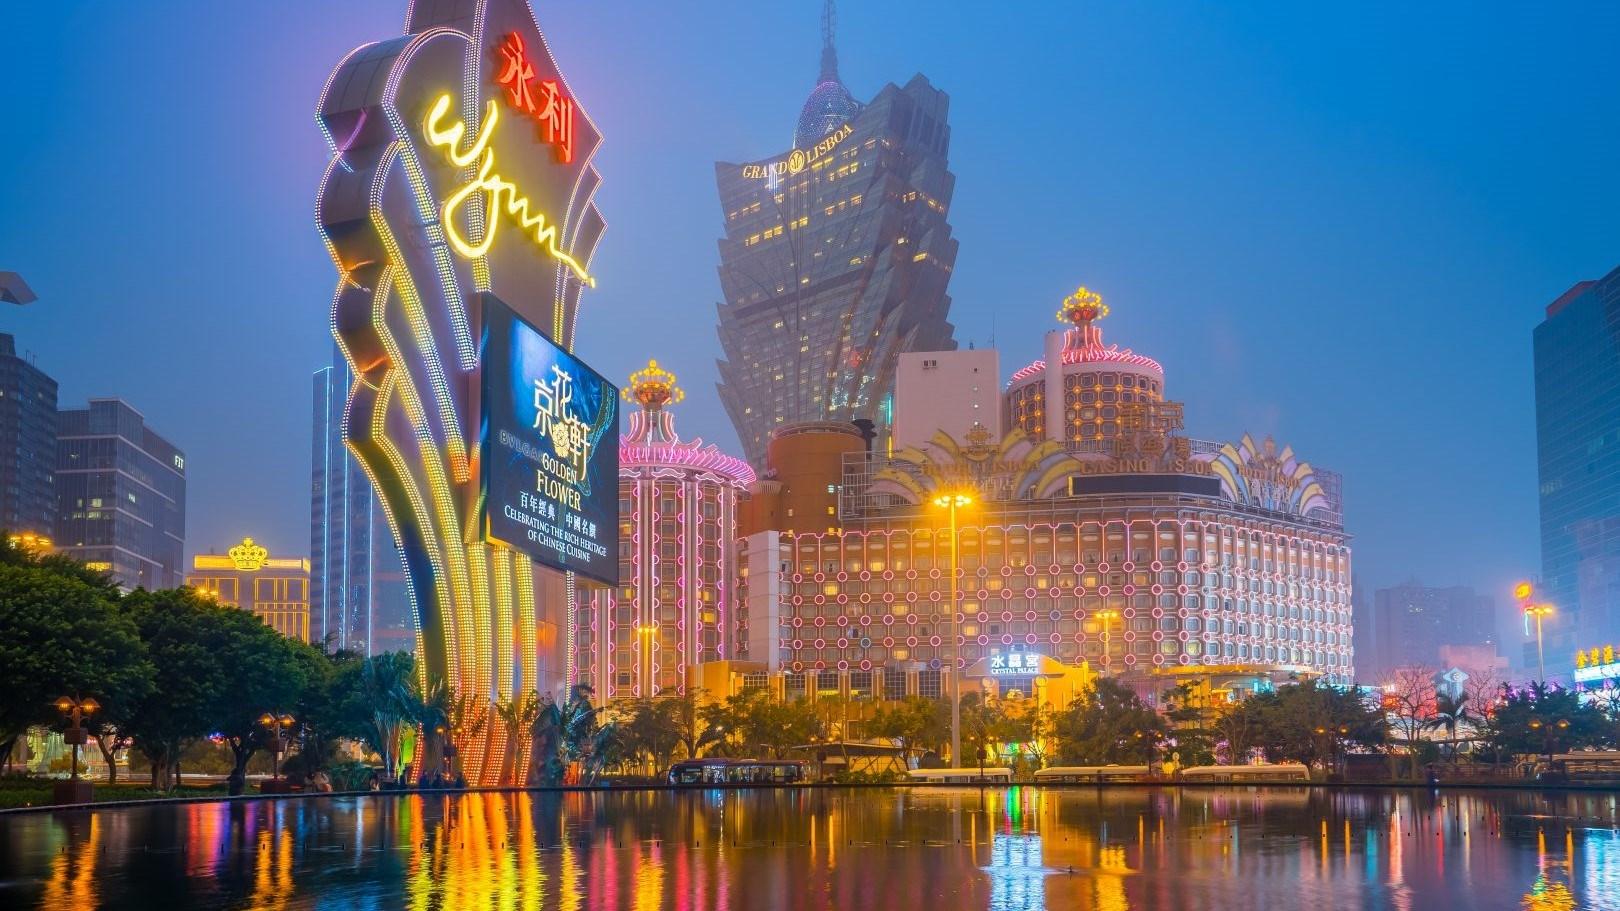 Hình đại điện của danh mục Macau